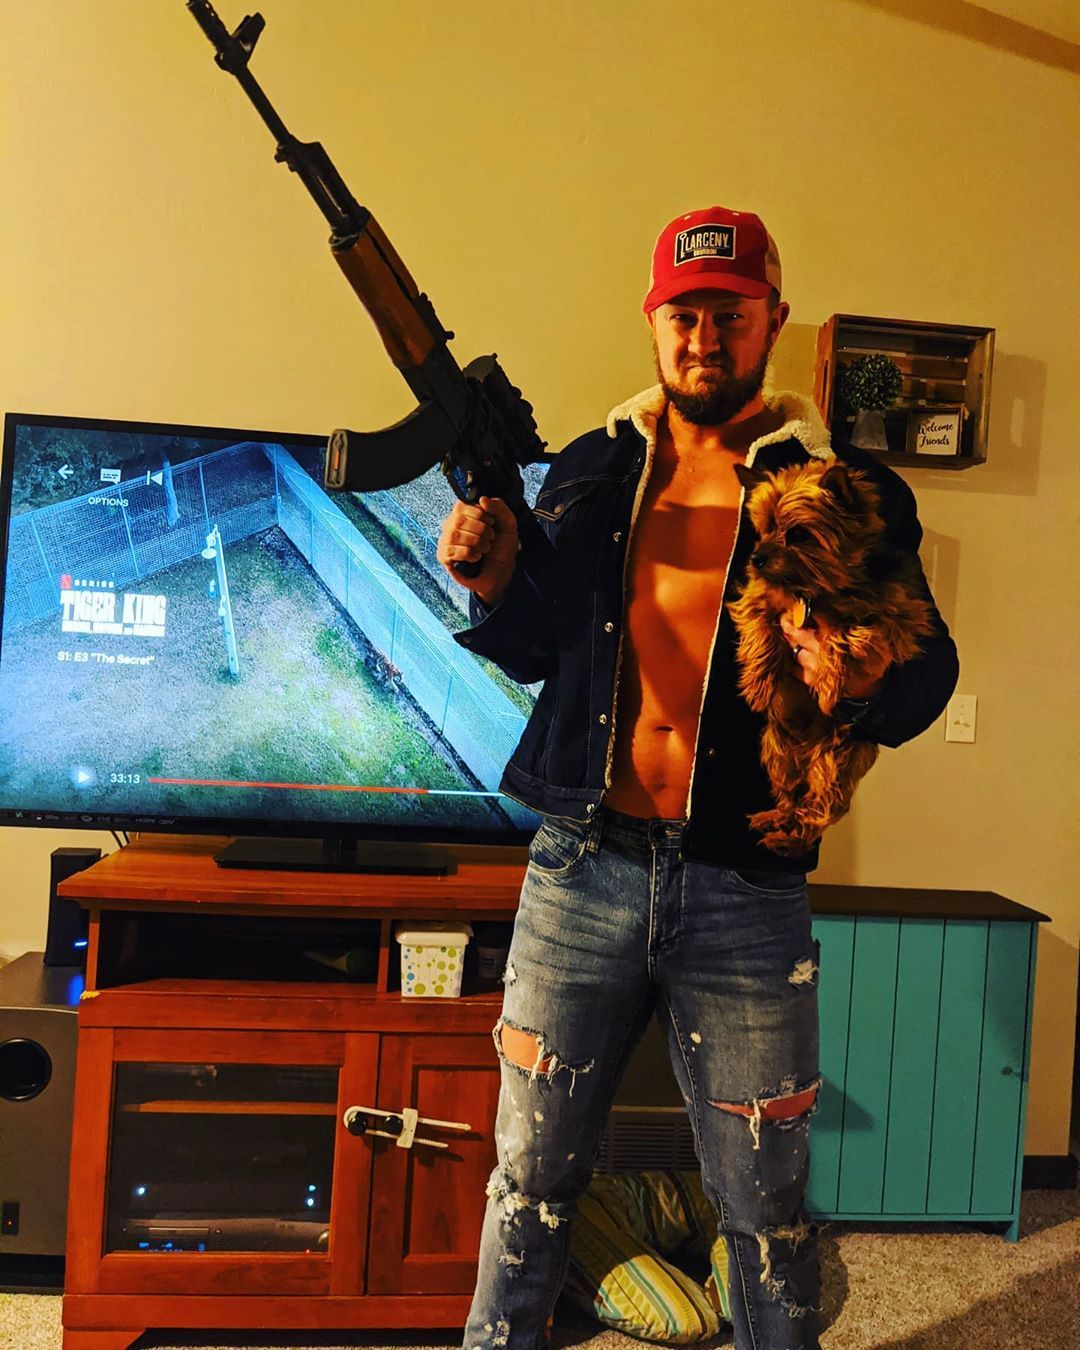 Otro fan de Tiger King muestra su pistola y su gorro de camionero